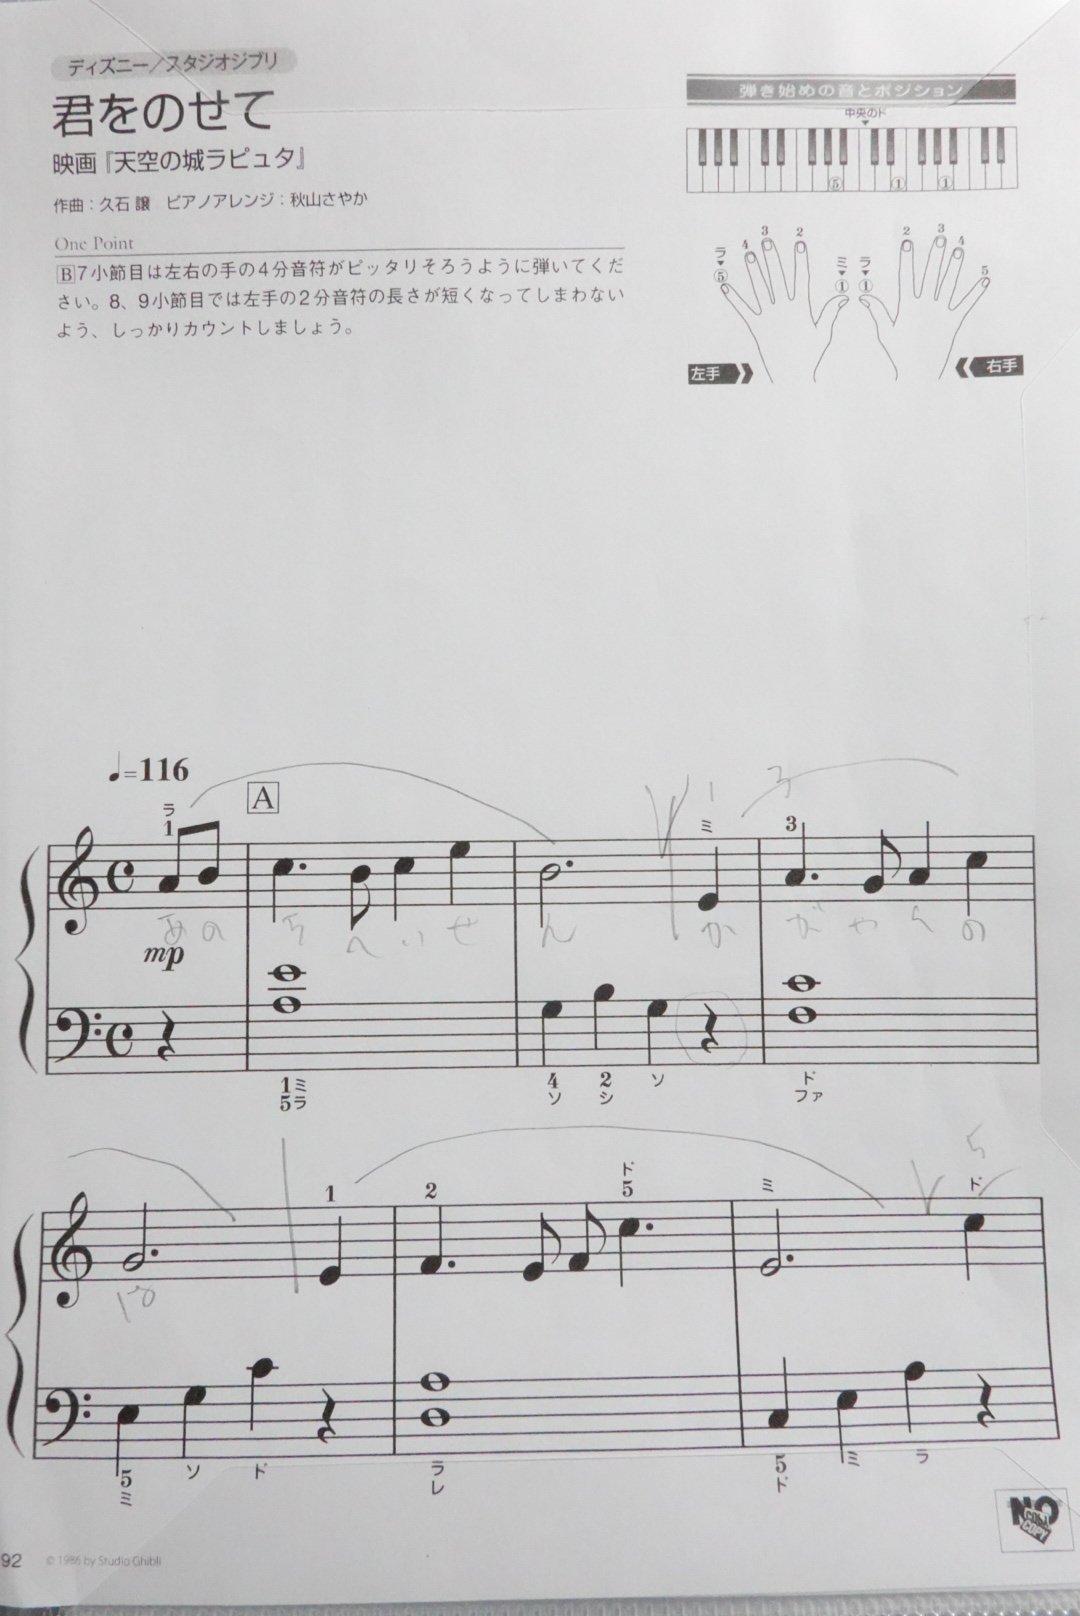 ジブリ『君をのせて』ピアノ楽譜